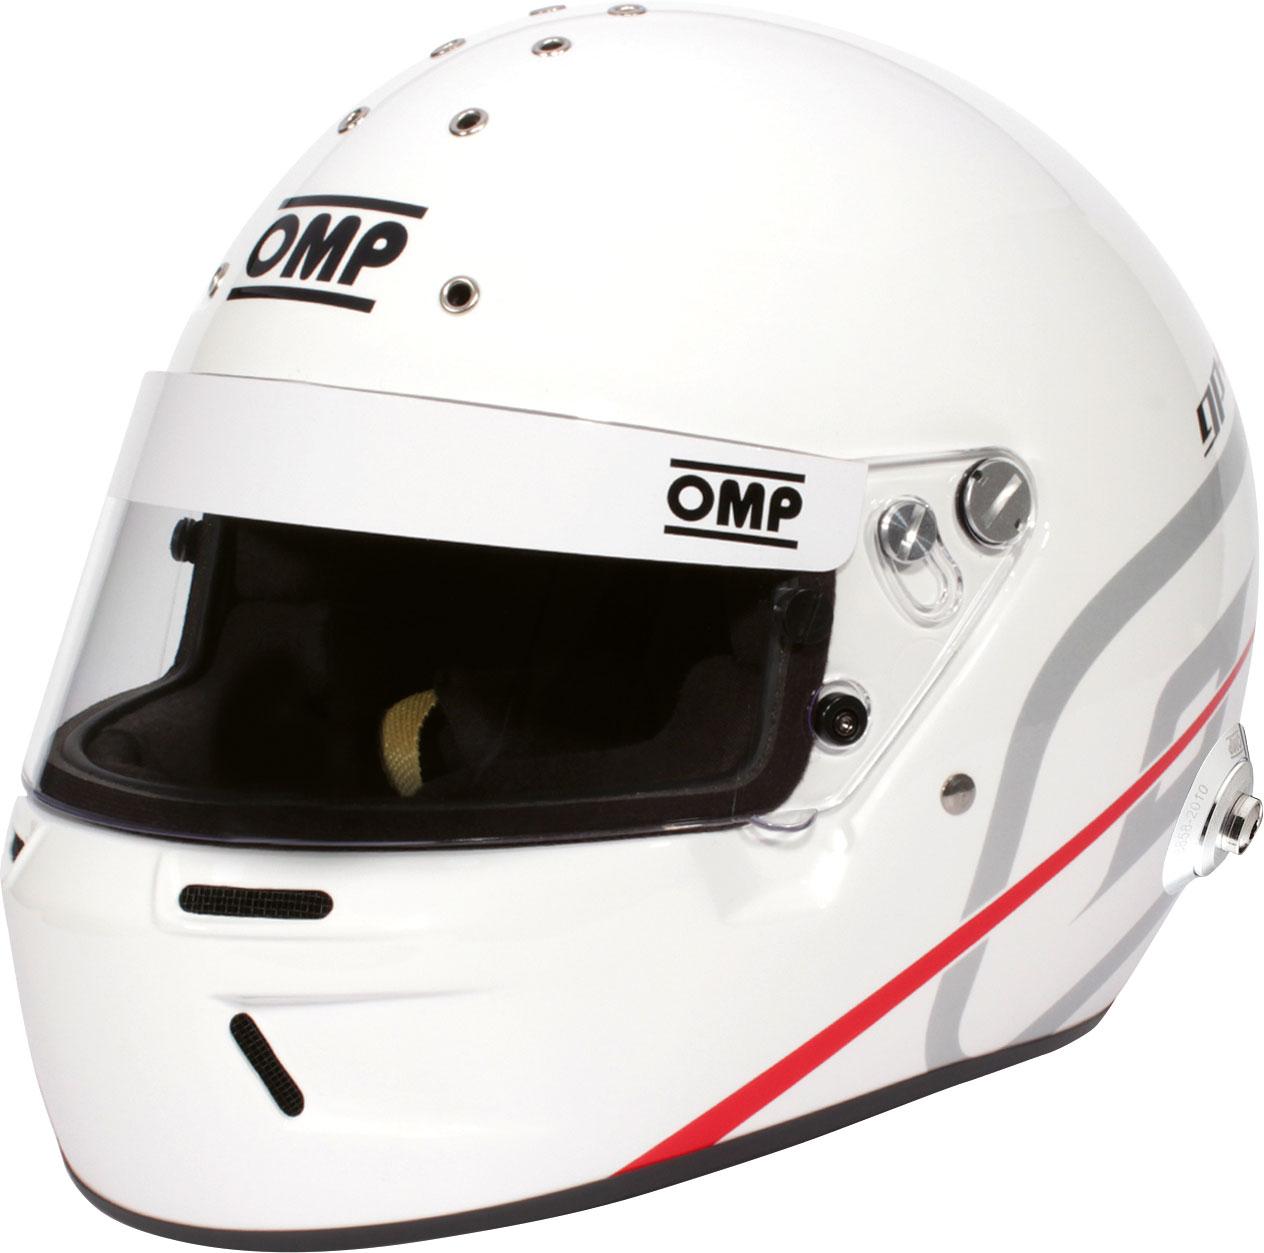 OMP Helm GPR